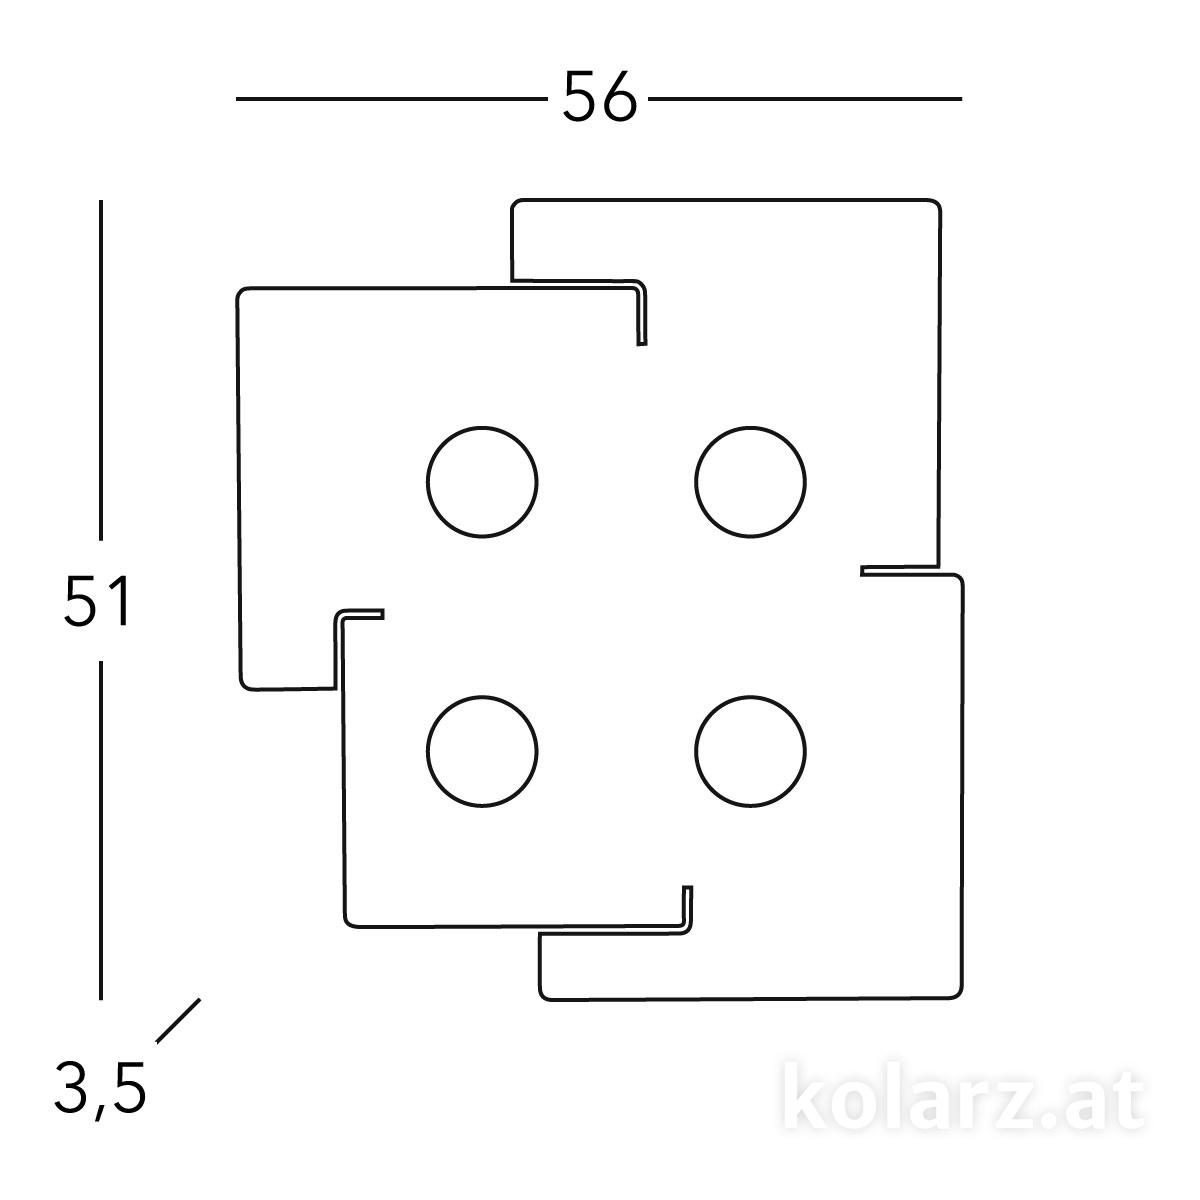 A1337-14-1-VinAu-s1.jpg